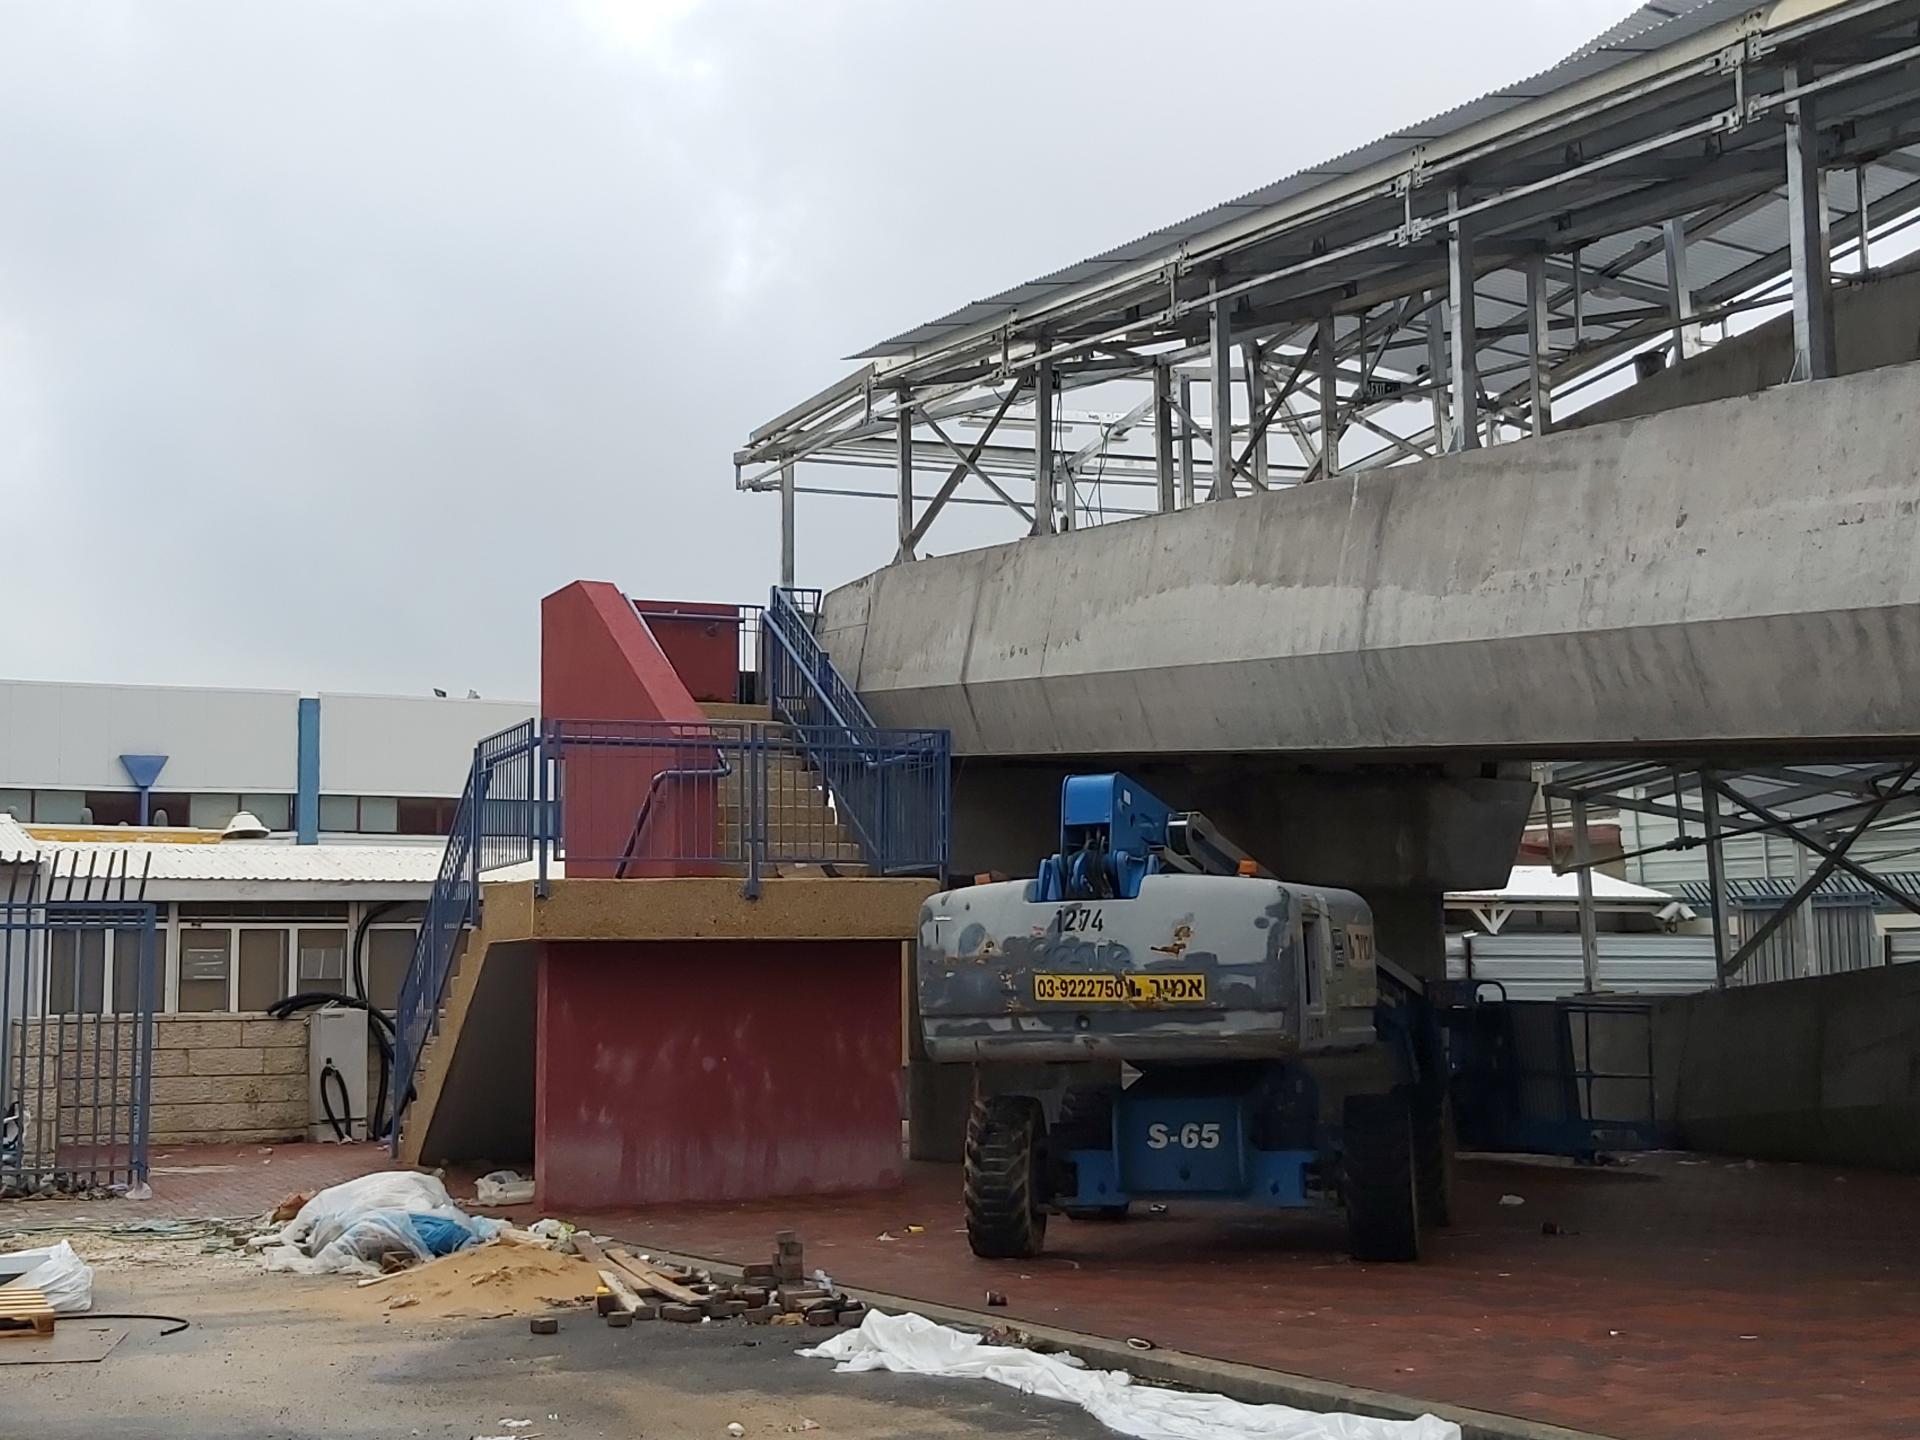 המדרגות העולות לגשר הולכי הרגל, ליד המחסום